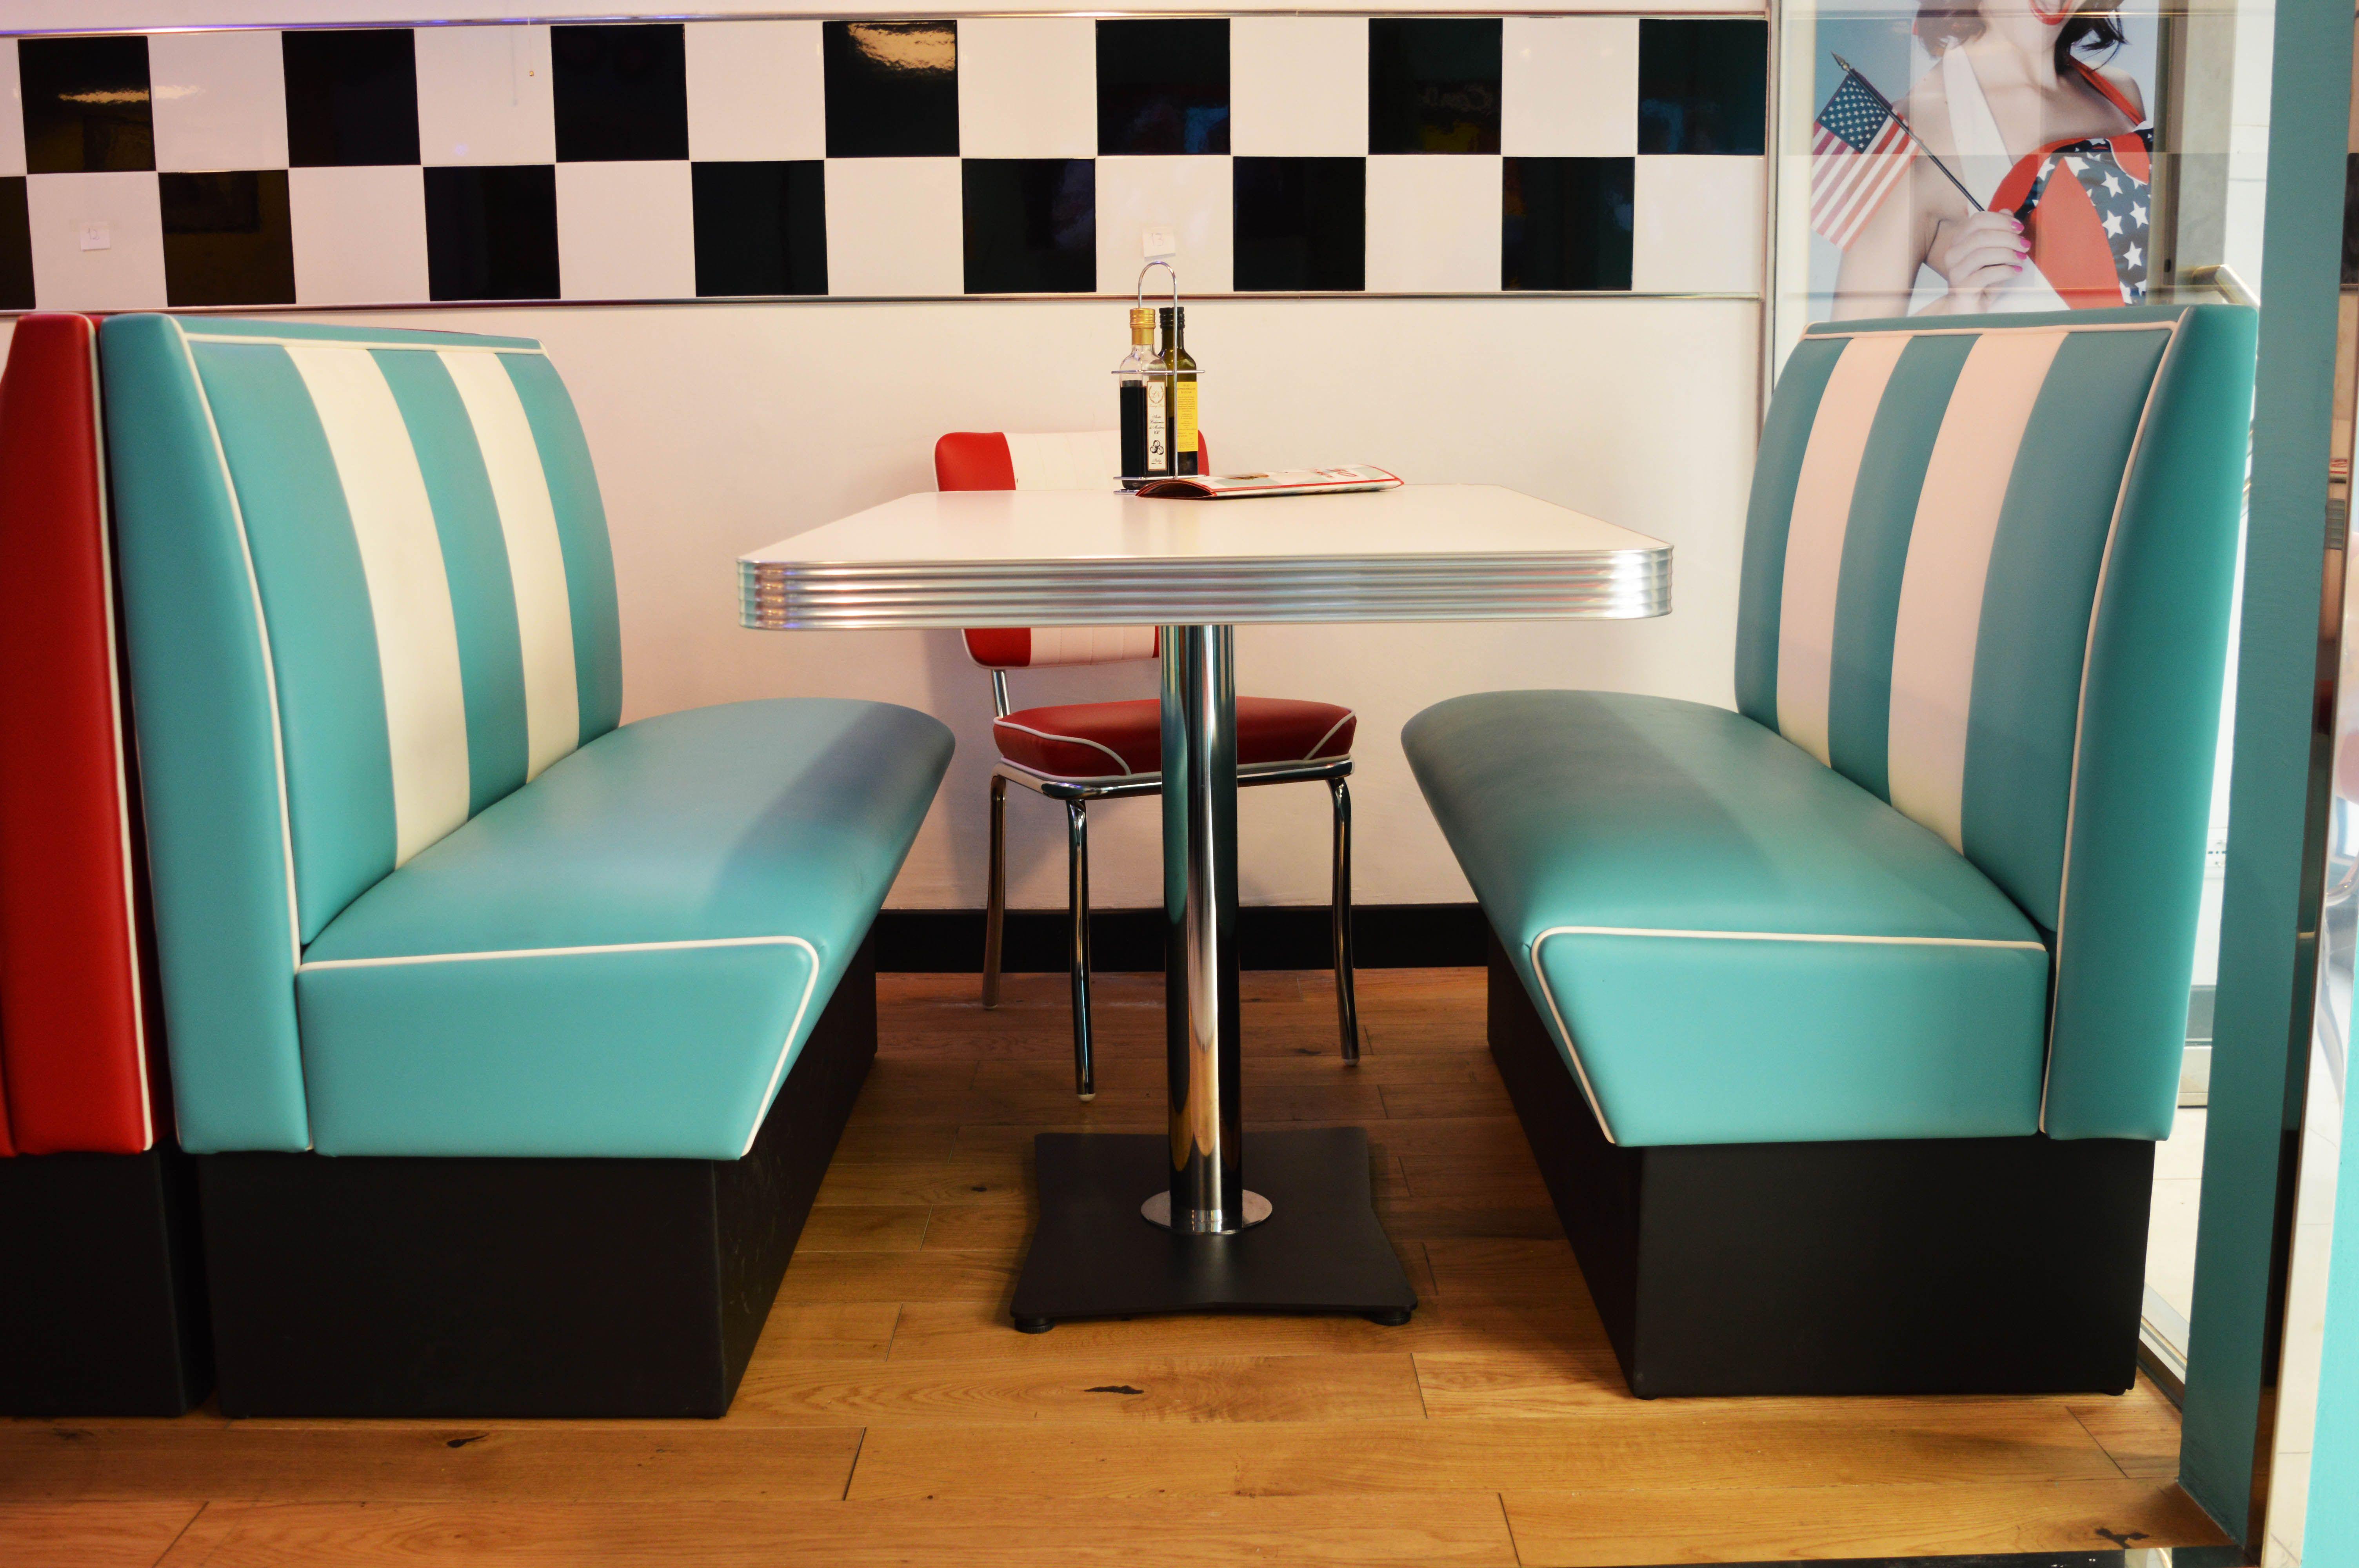 Tavoli E Sedie Ristorante Arredamento E Casalinghi.Arredo Vintage Arredamento American Style Per Case E Locali